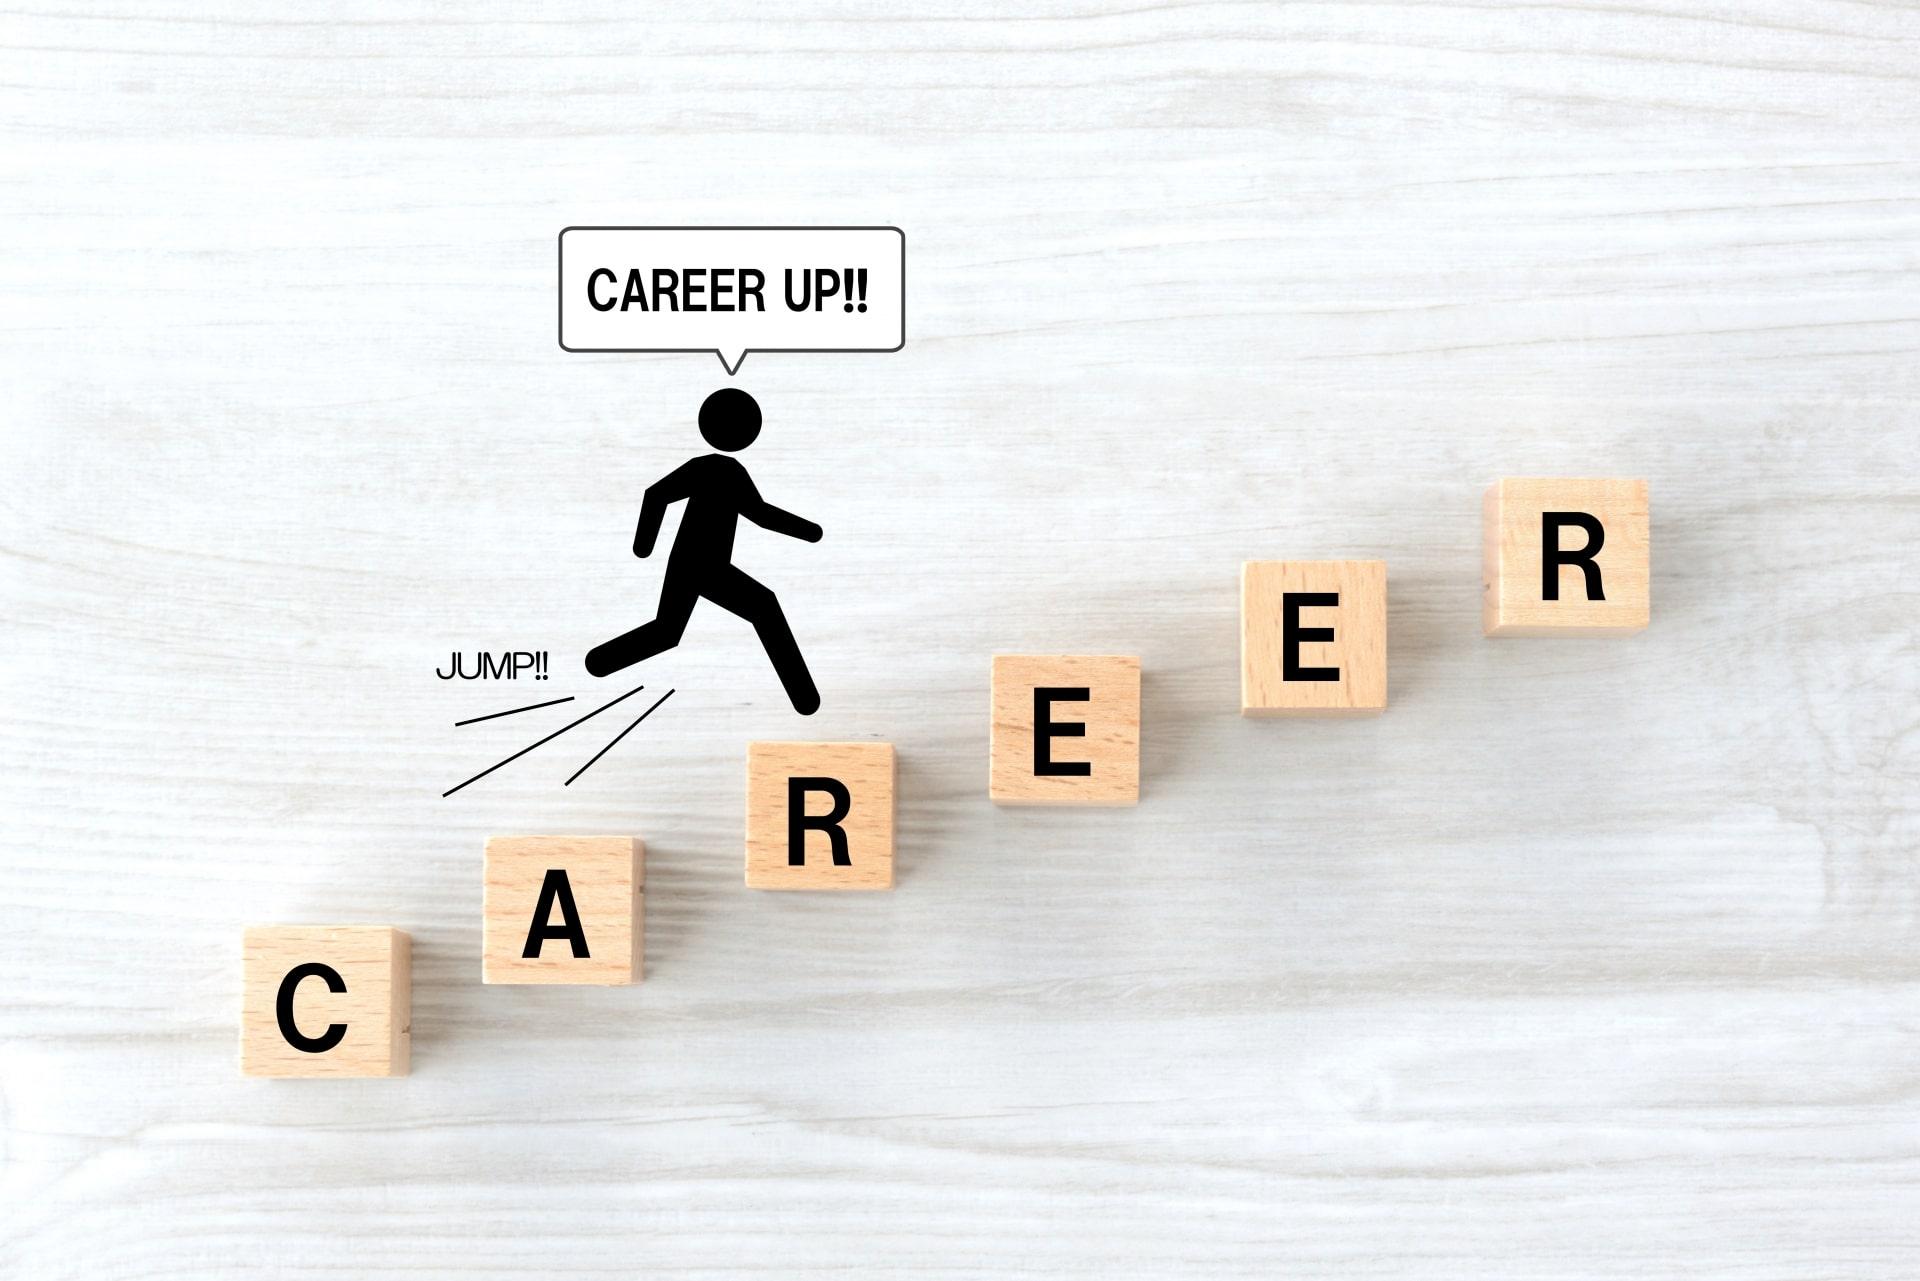 キャリアアップの文字、ピクトグラム